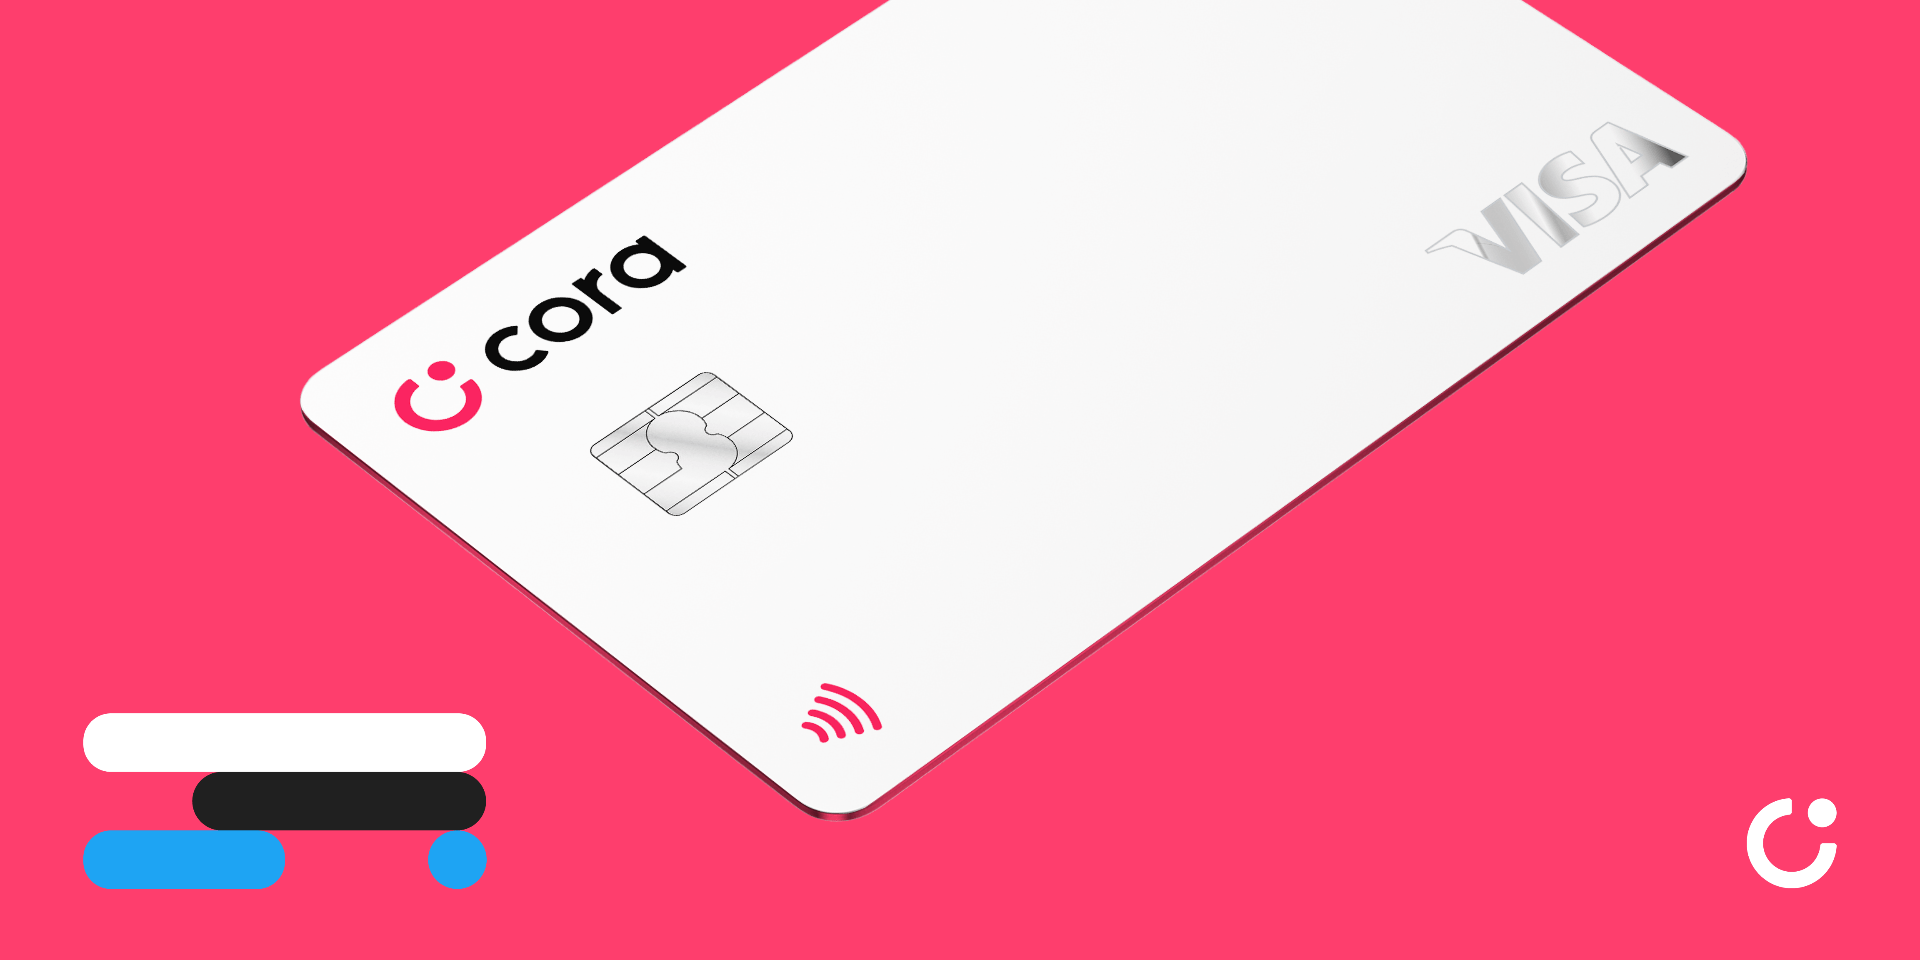 Cartão Cora - Veja como solicitar online